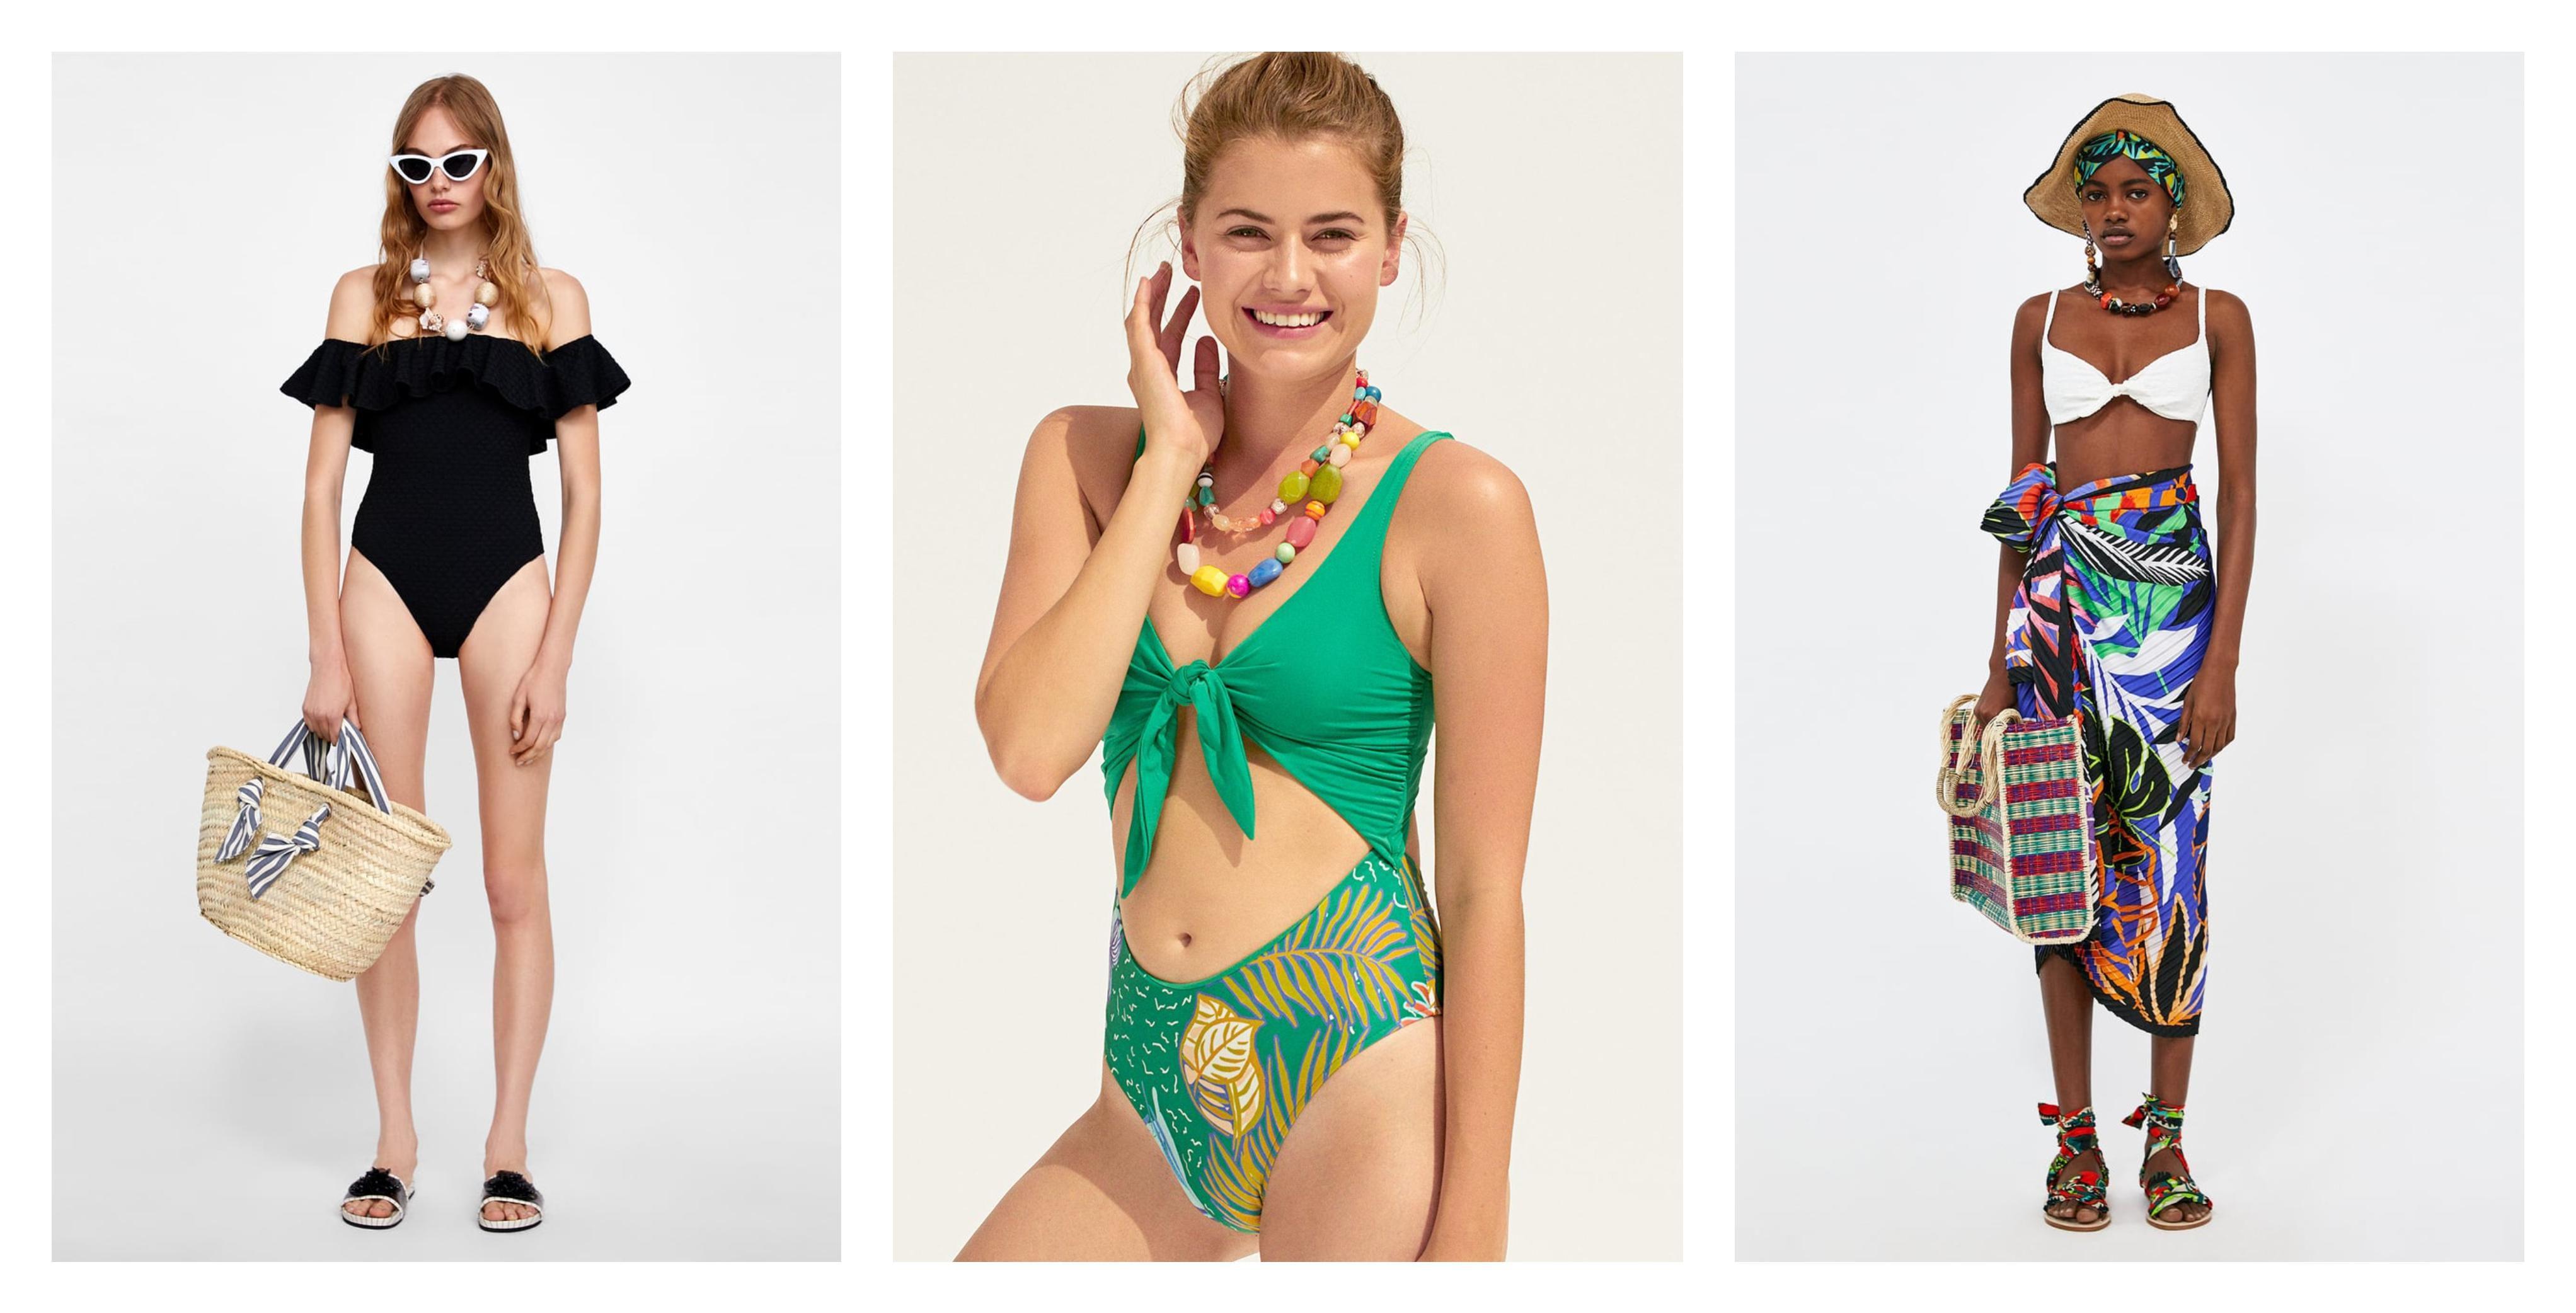 Kako biti stylish i na plaži? Inspiraciju smo potražili u high street trgovinama!